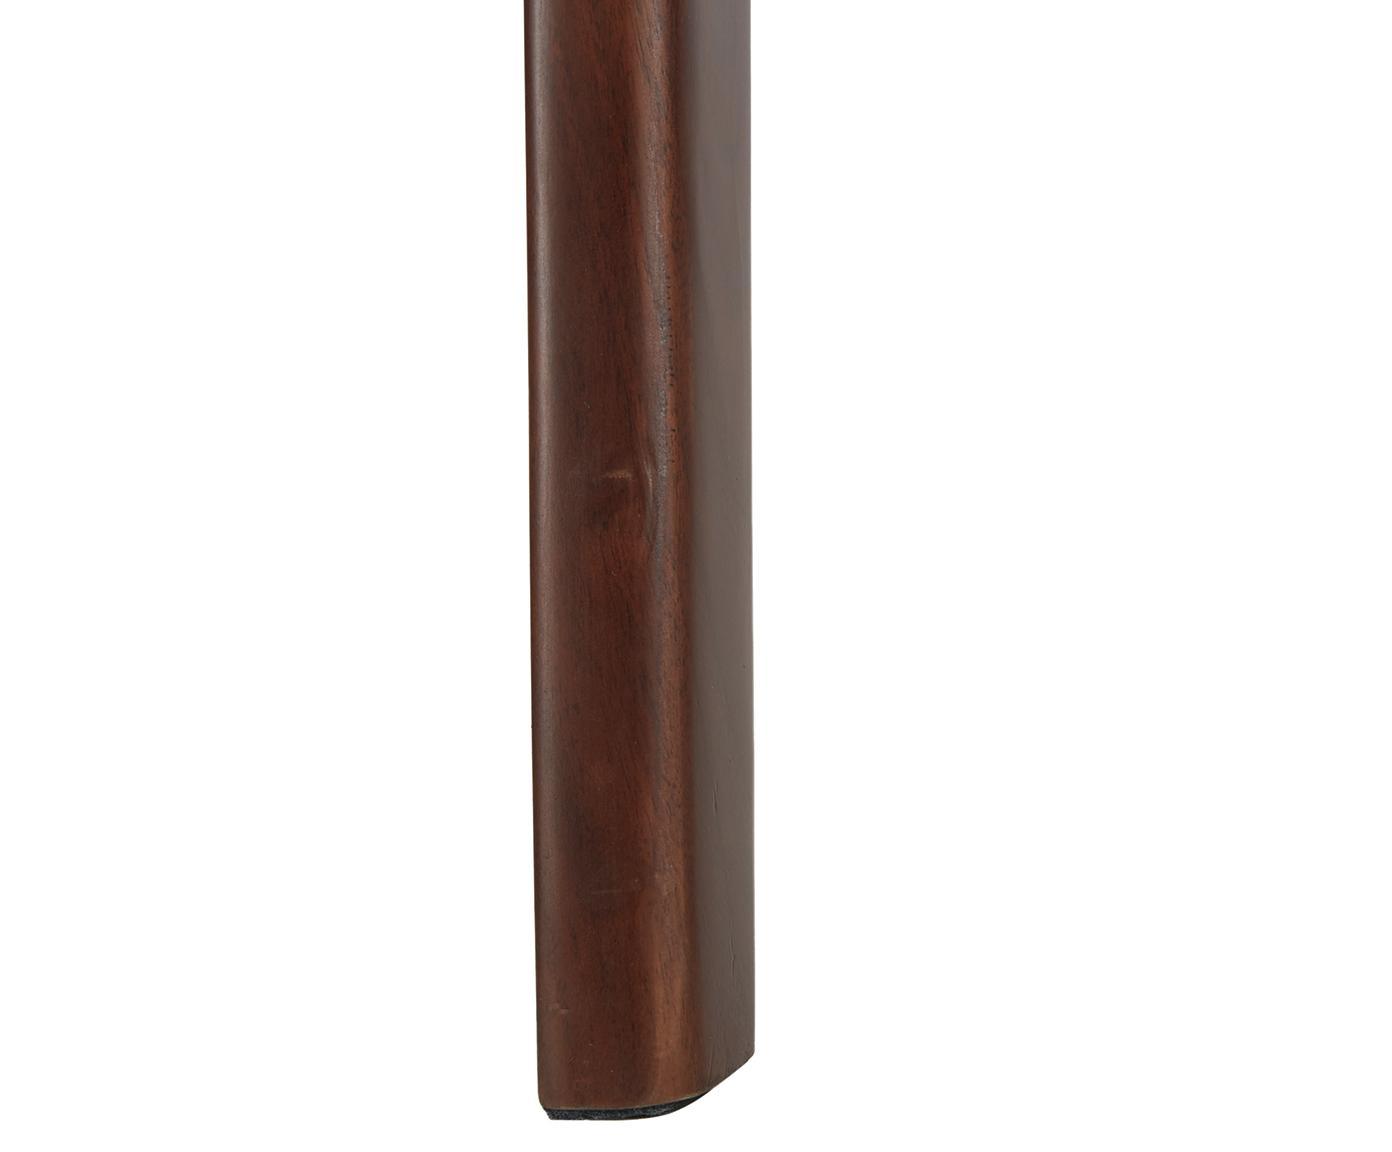 Fauteuil Becky met walnoothouten armleuningen, Bekleding: polyester, Frame: massief walnoothout, Geweven stof beige, walnoothoutkleurig, B 73 x D 90 cm